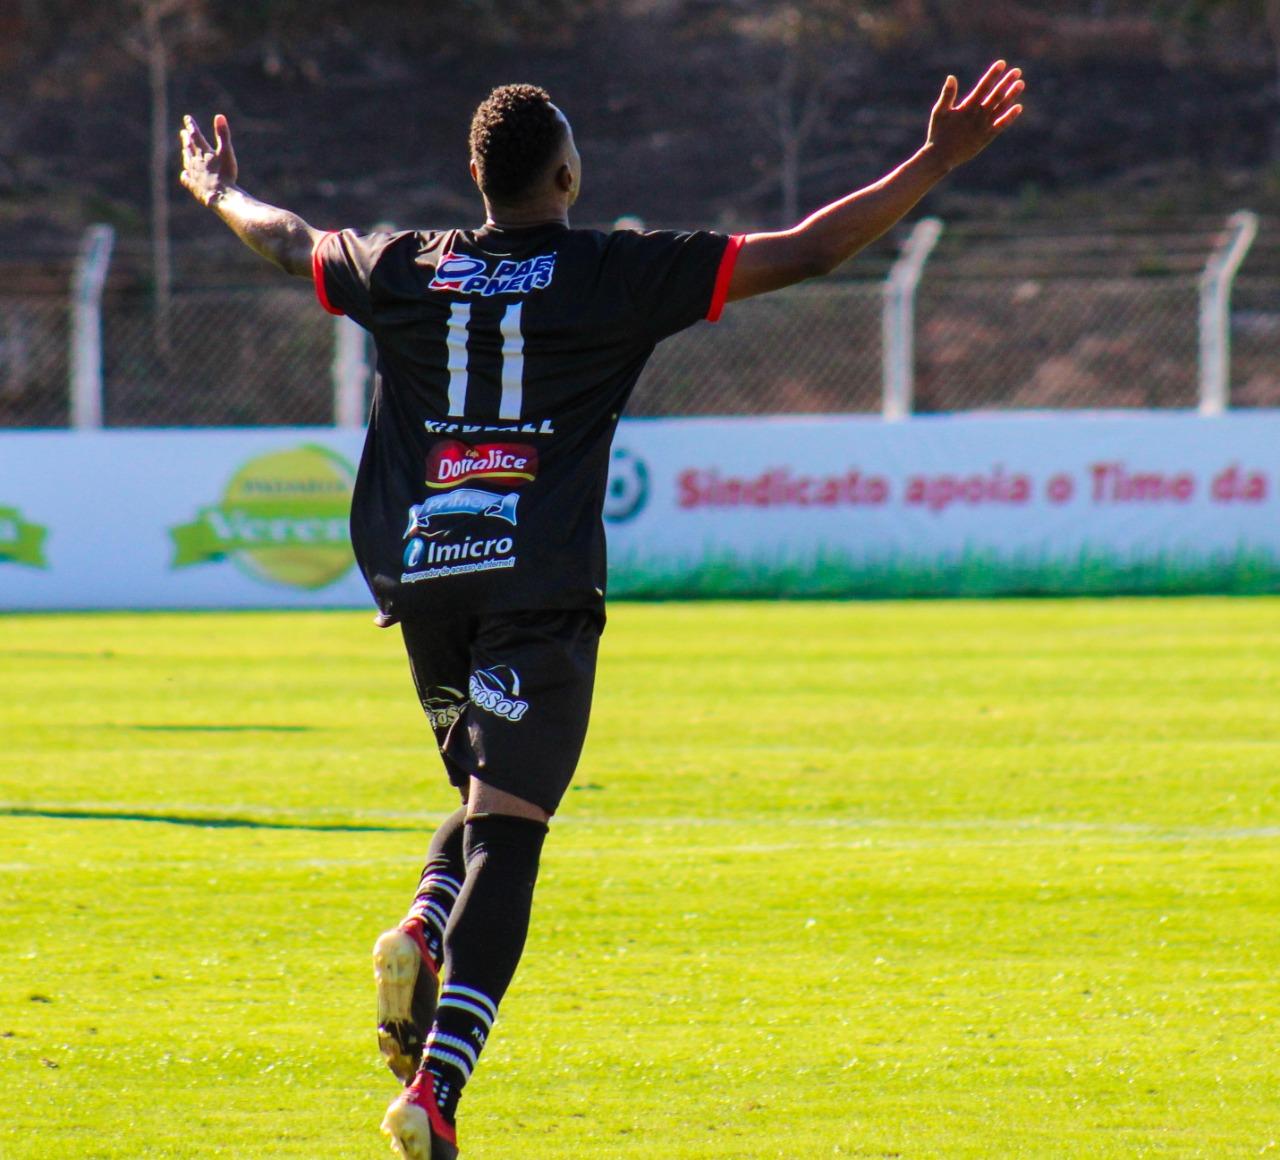 Vice-artilheiro do Brasil, com 25 gols em 28 jogos, Joãozinho foca no acesso em Minas Gerais